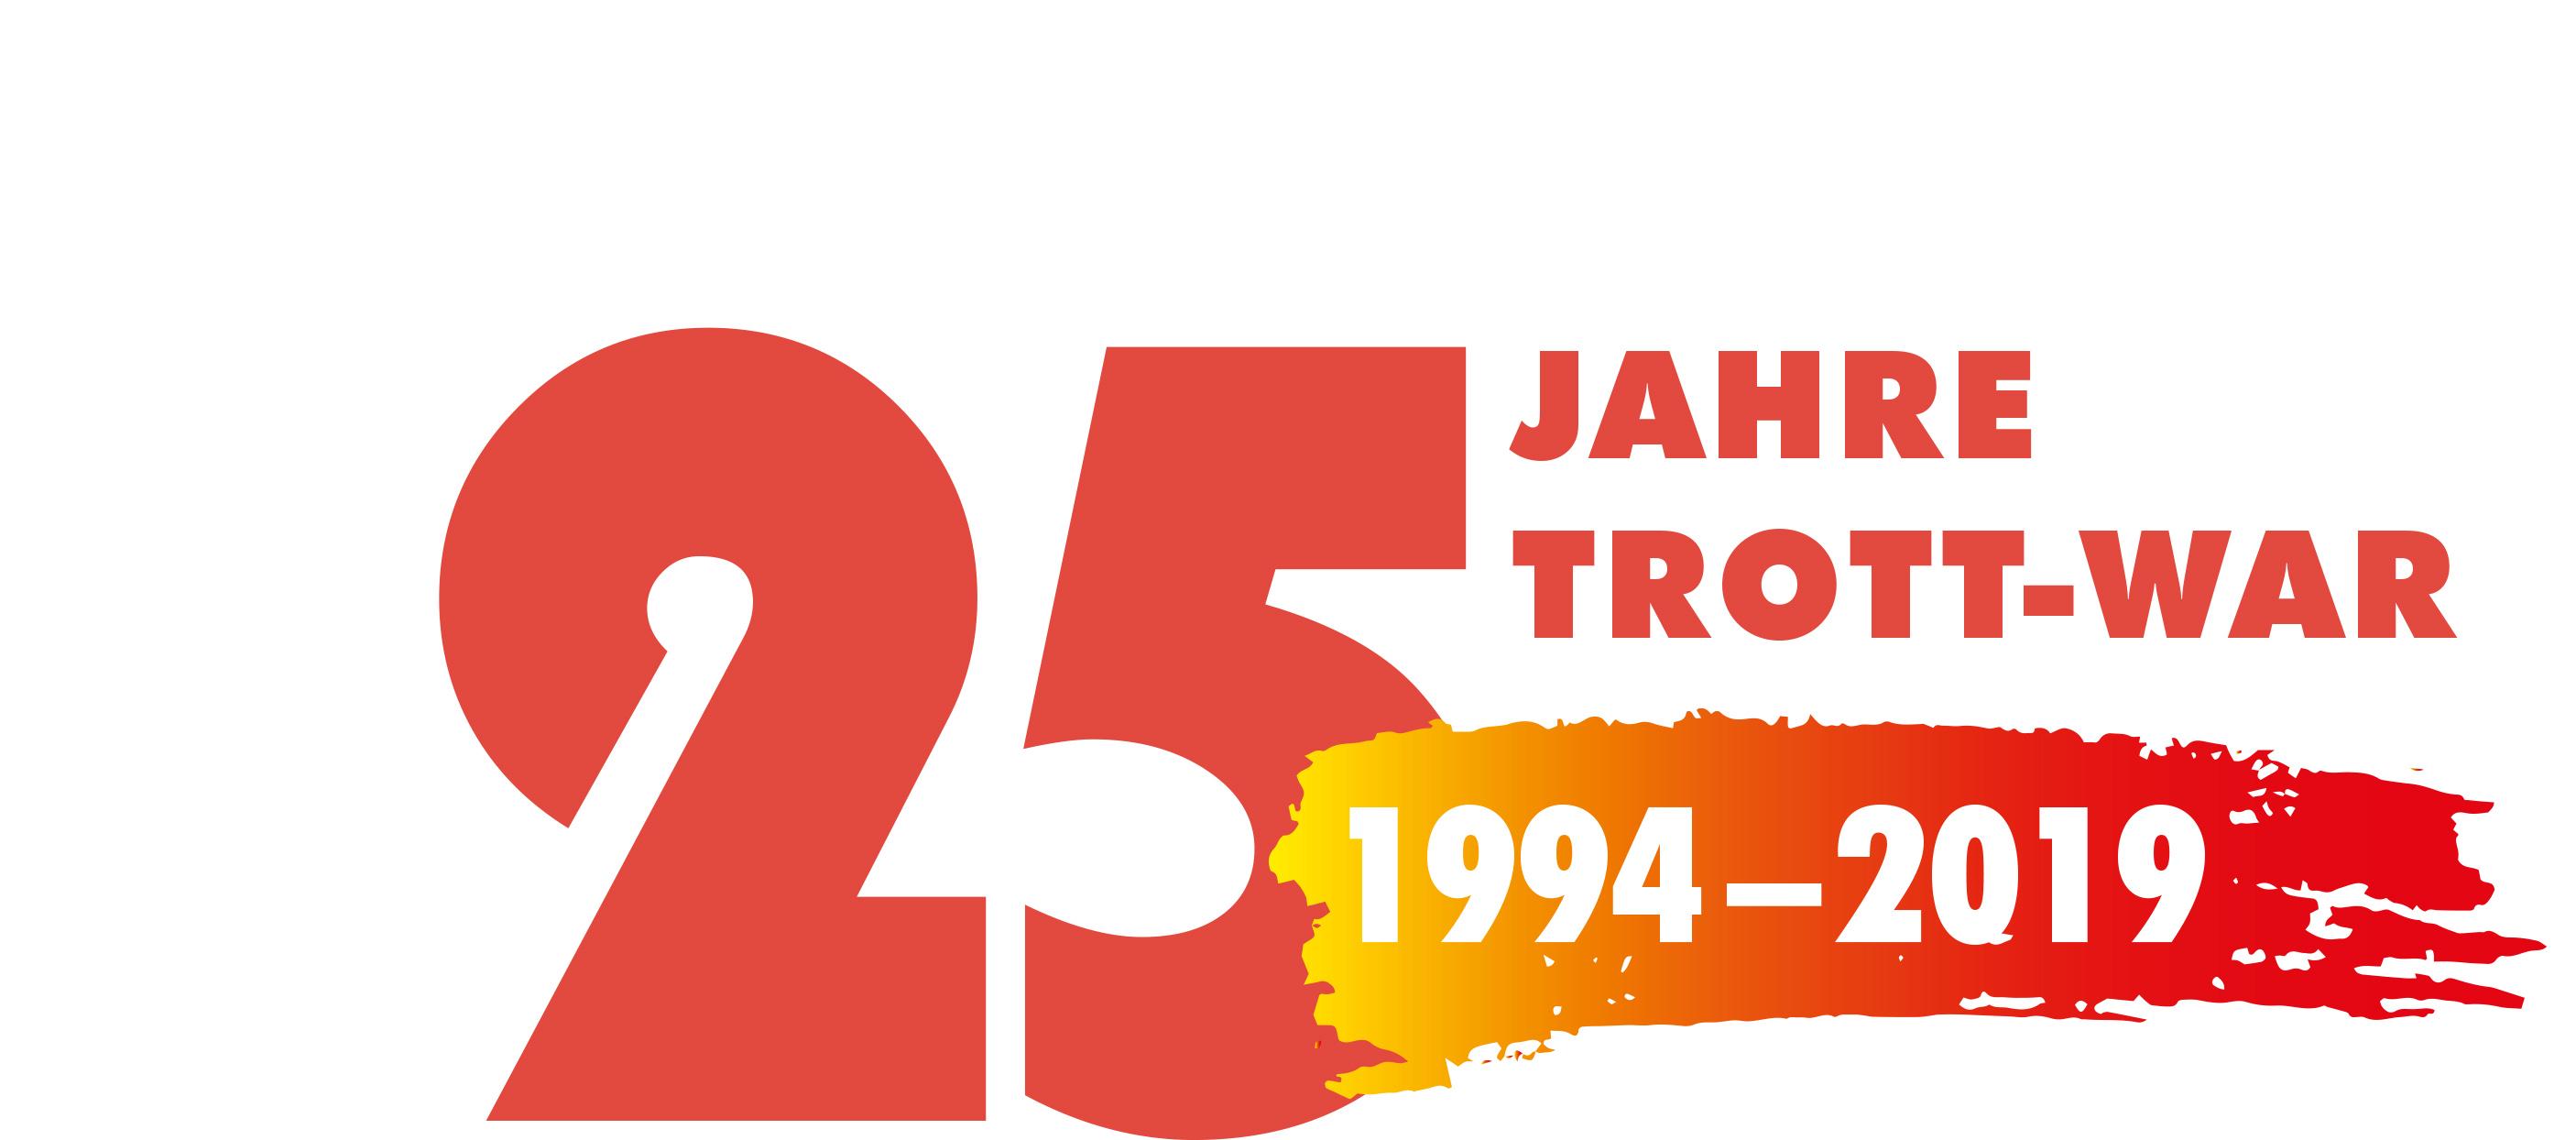 Logo 25 Jahre Trott-war 1994-2019